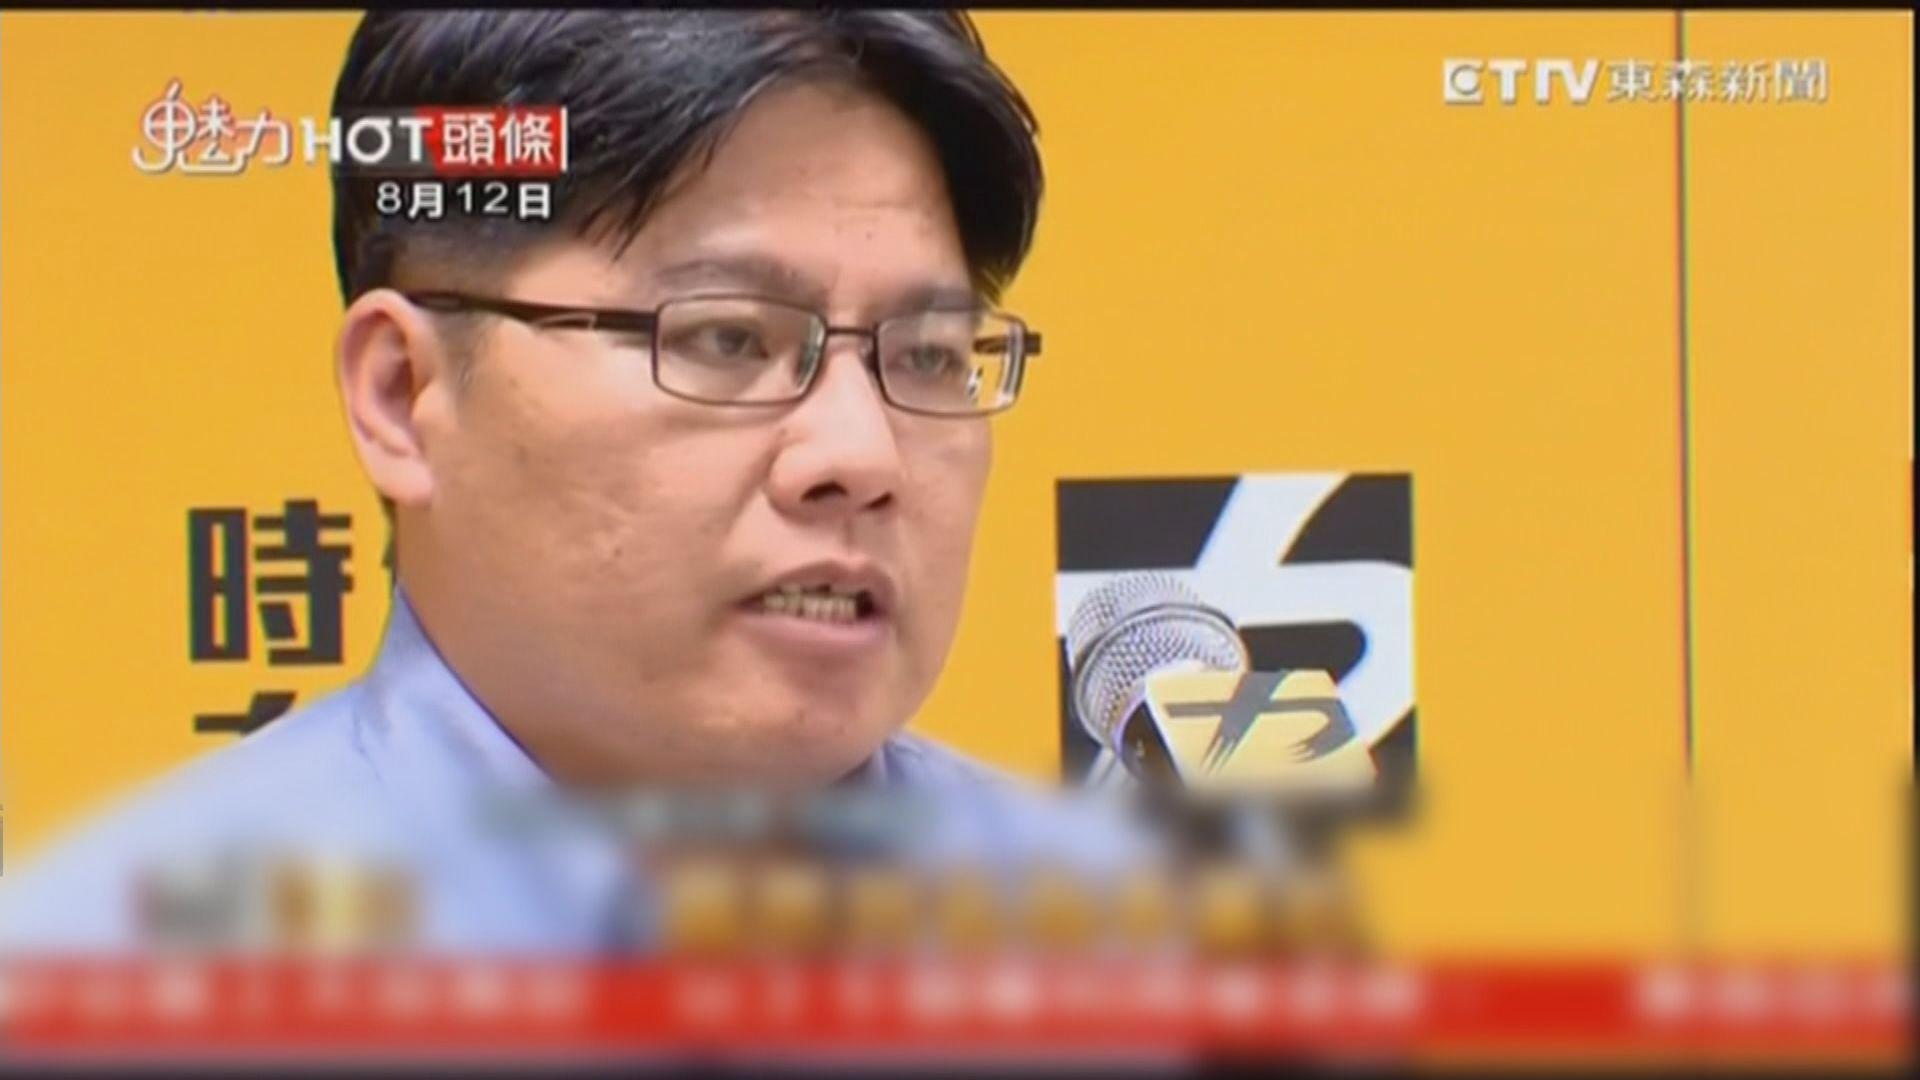 台灣時代力量黨主席邱顯智辭職